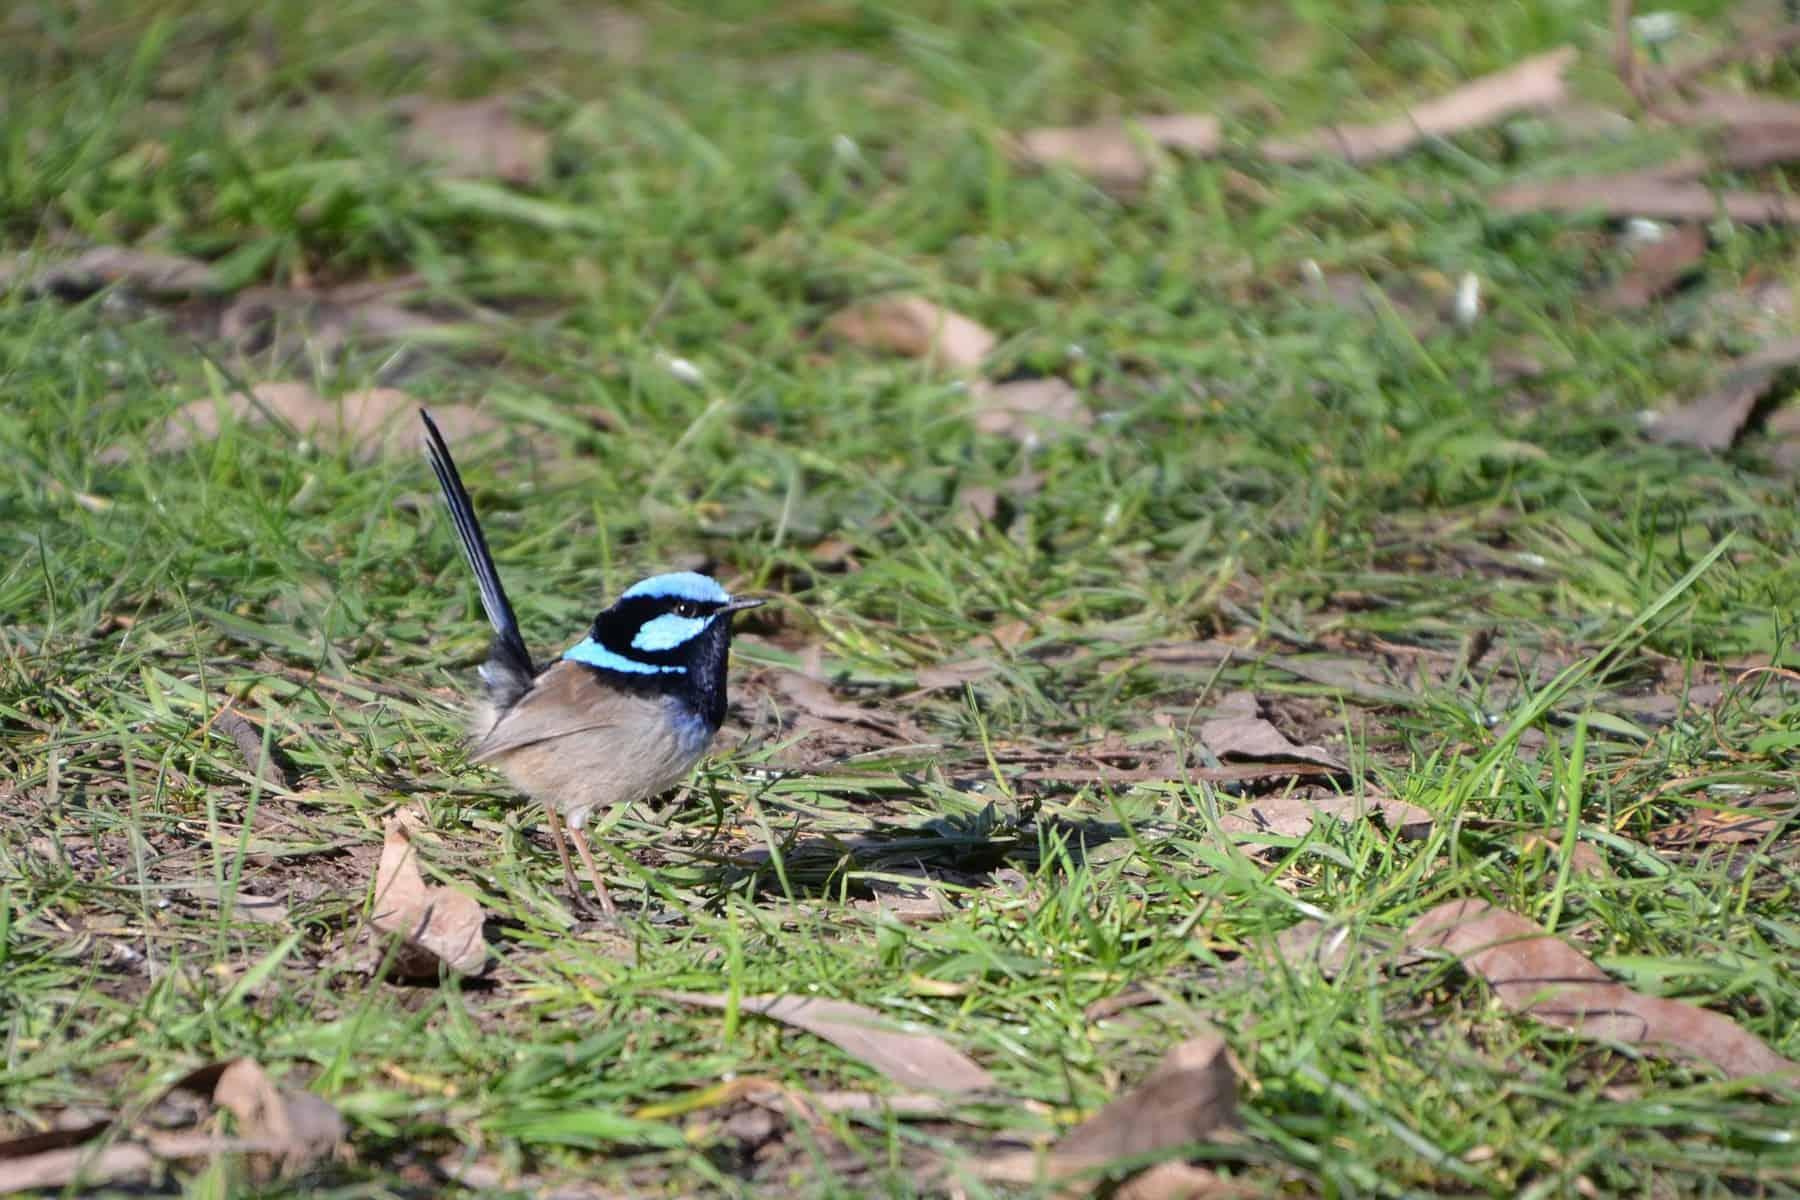 Blue wren 2409030 1920